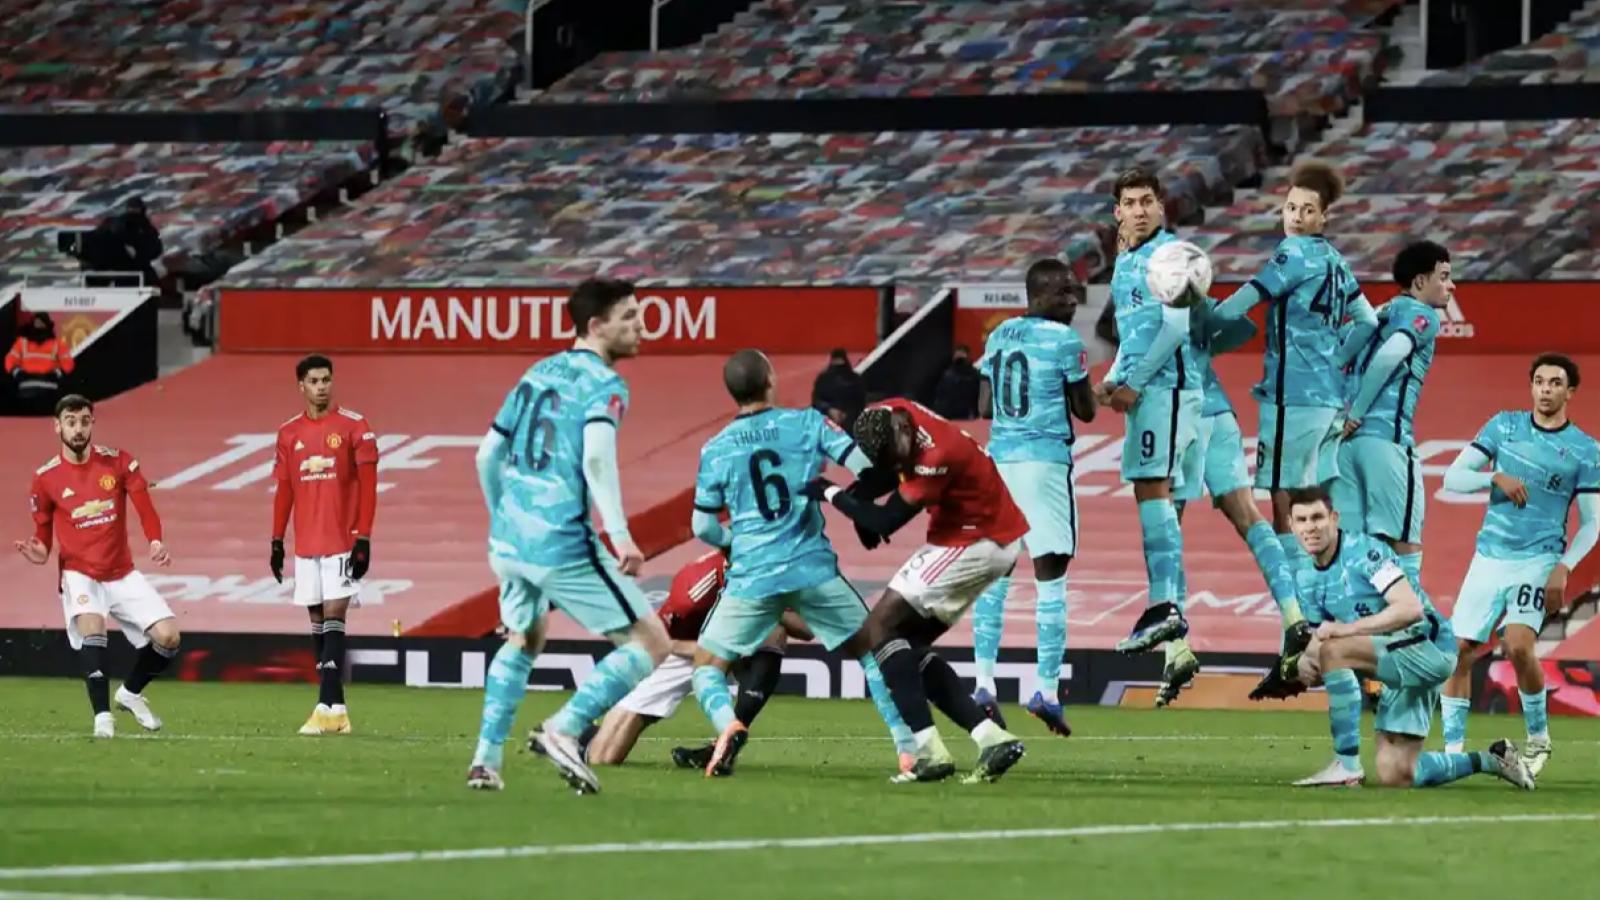 TRỰC TIẾP MU 3 - 2 Liverpool: Đẳng cấp của Bruno Fernandes